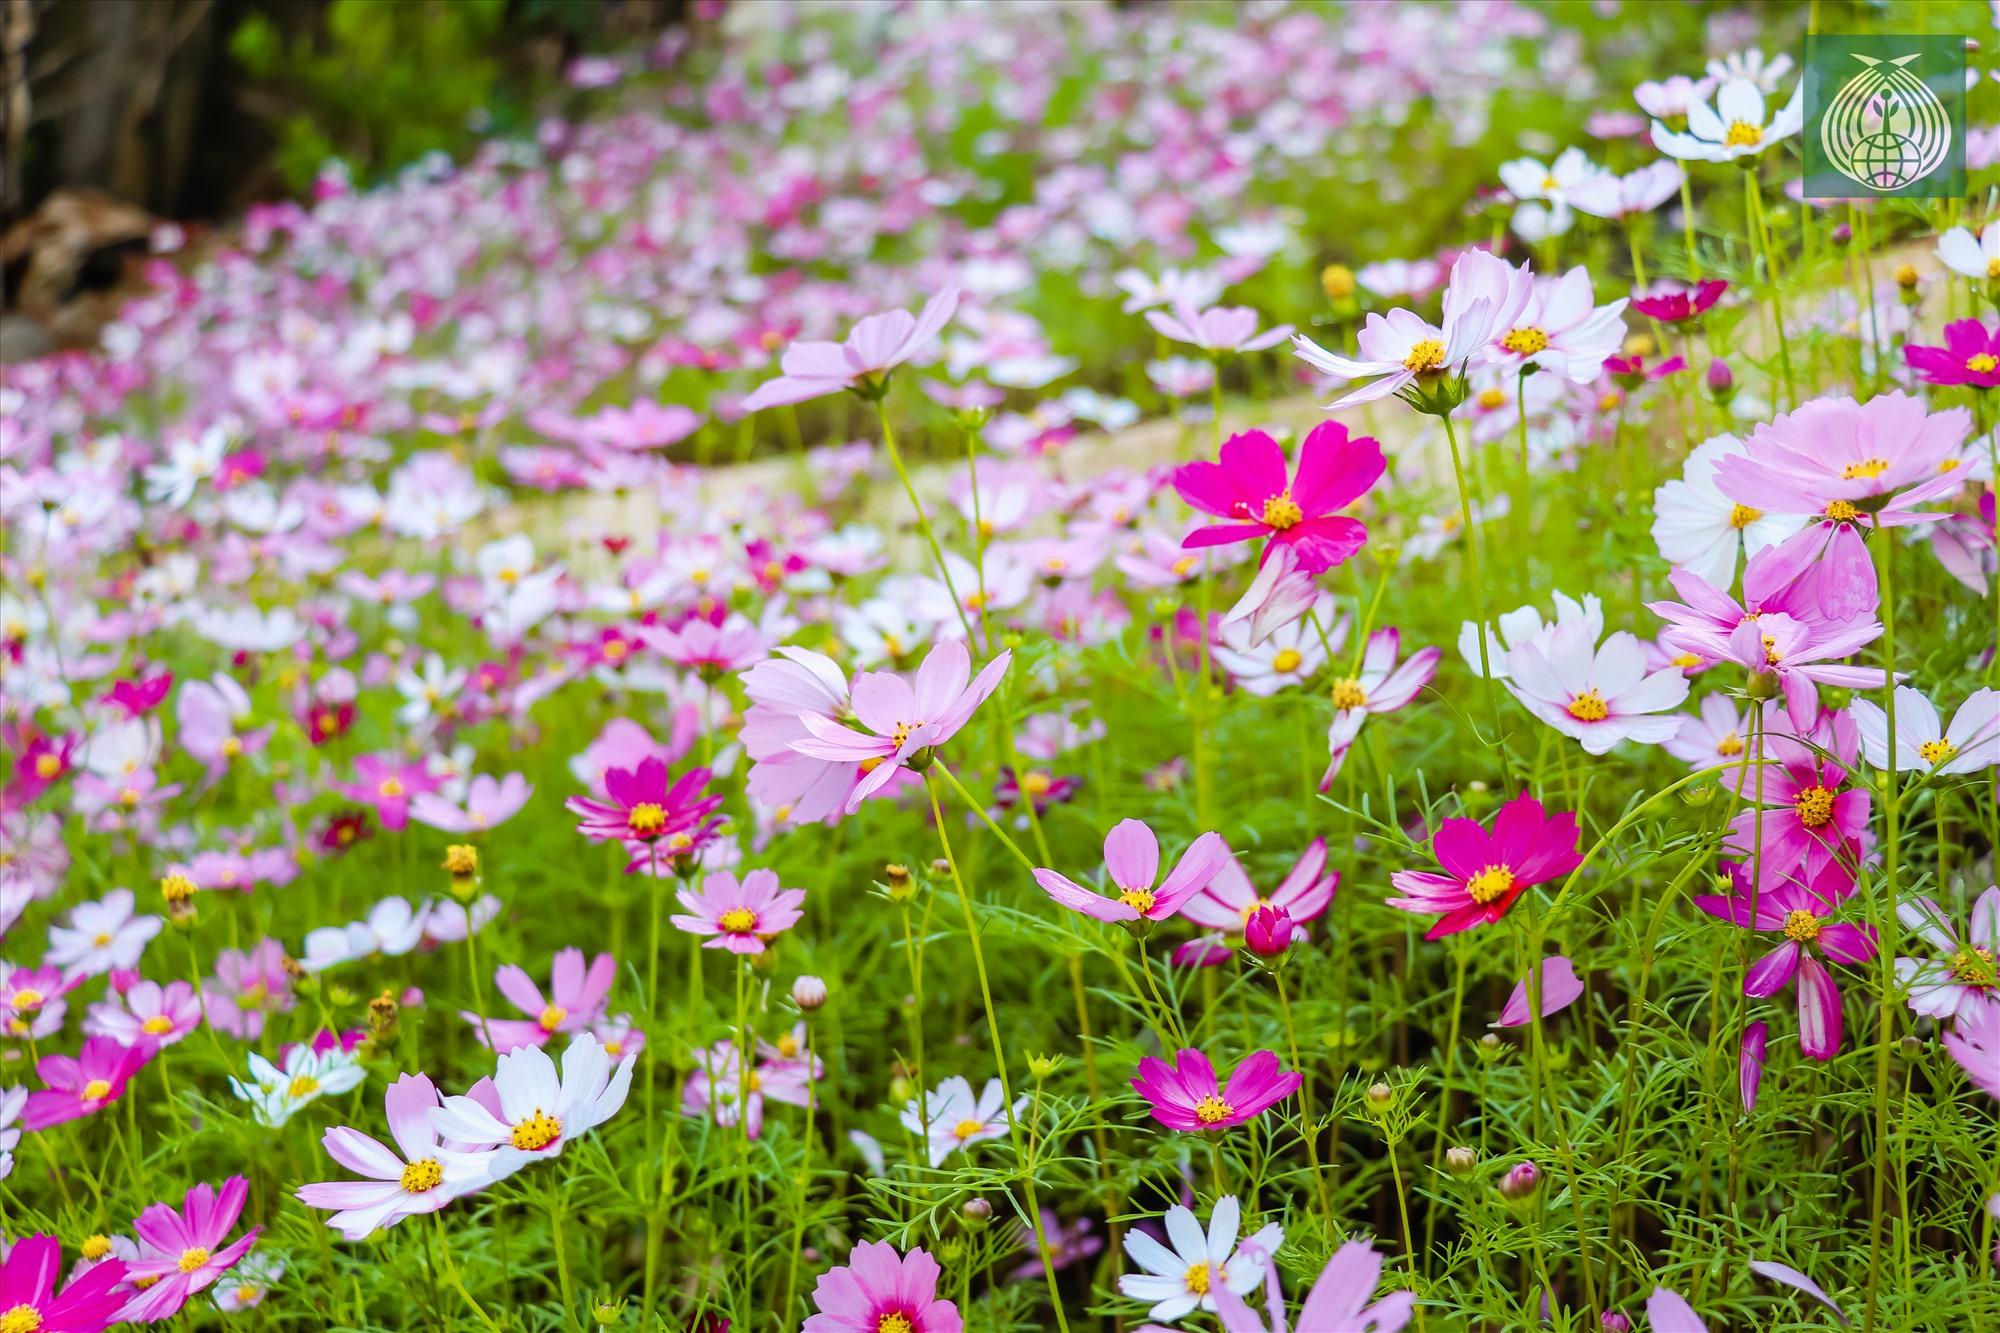 Tại đây, du khách có thể chìm đắm trong sắc hoa đang nở rộ.